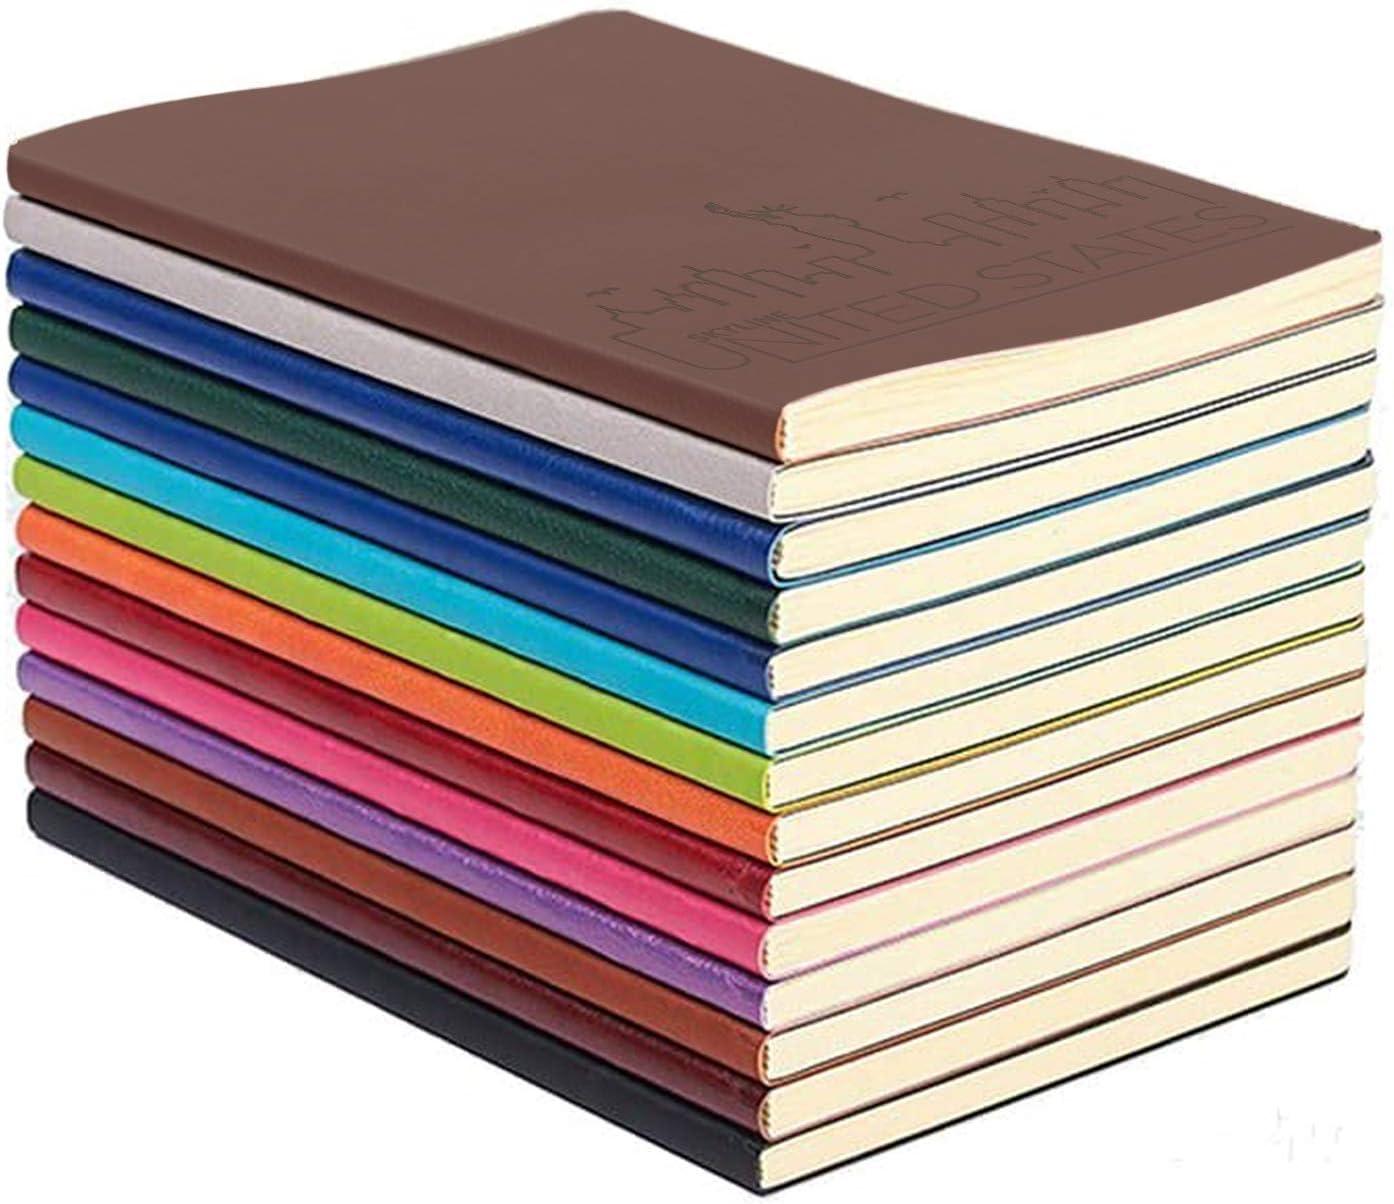 XYTMY Cuaderno A5 de cuero colorido Bloc de notas de escritura Cuadernos Diario de viaje Bloc de notas de oficina y estudiante 128 páginas Paquete de 4 diarios Colores aleatorios